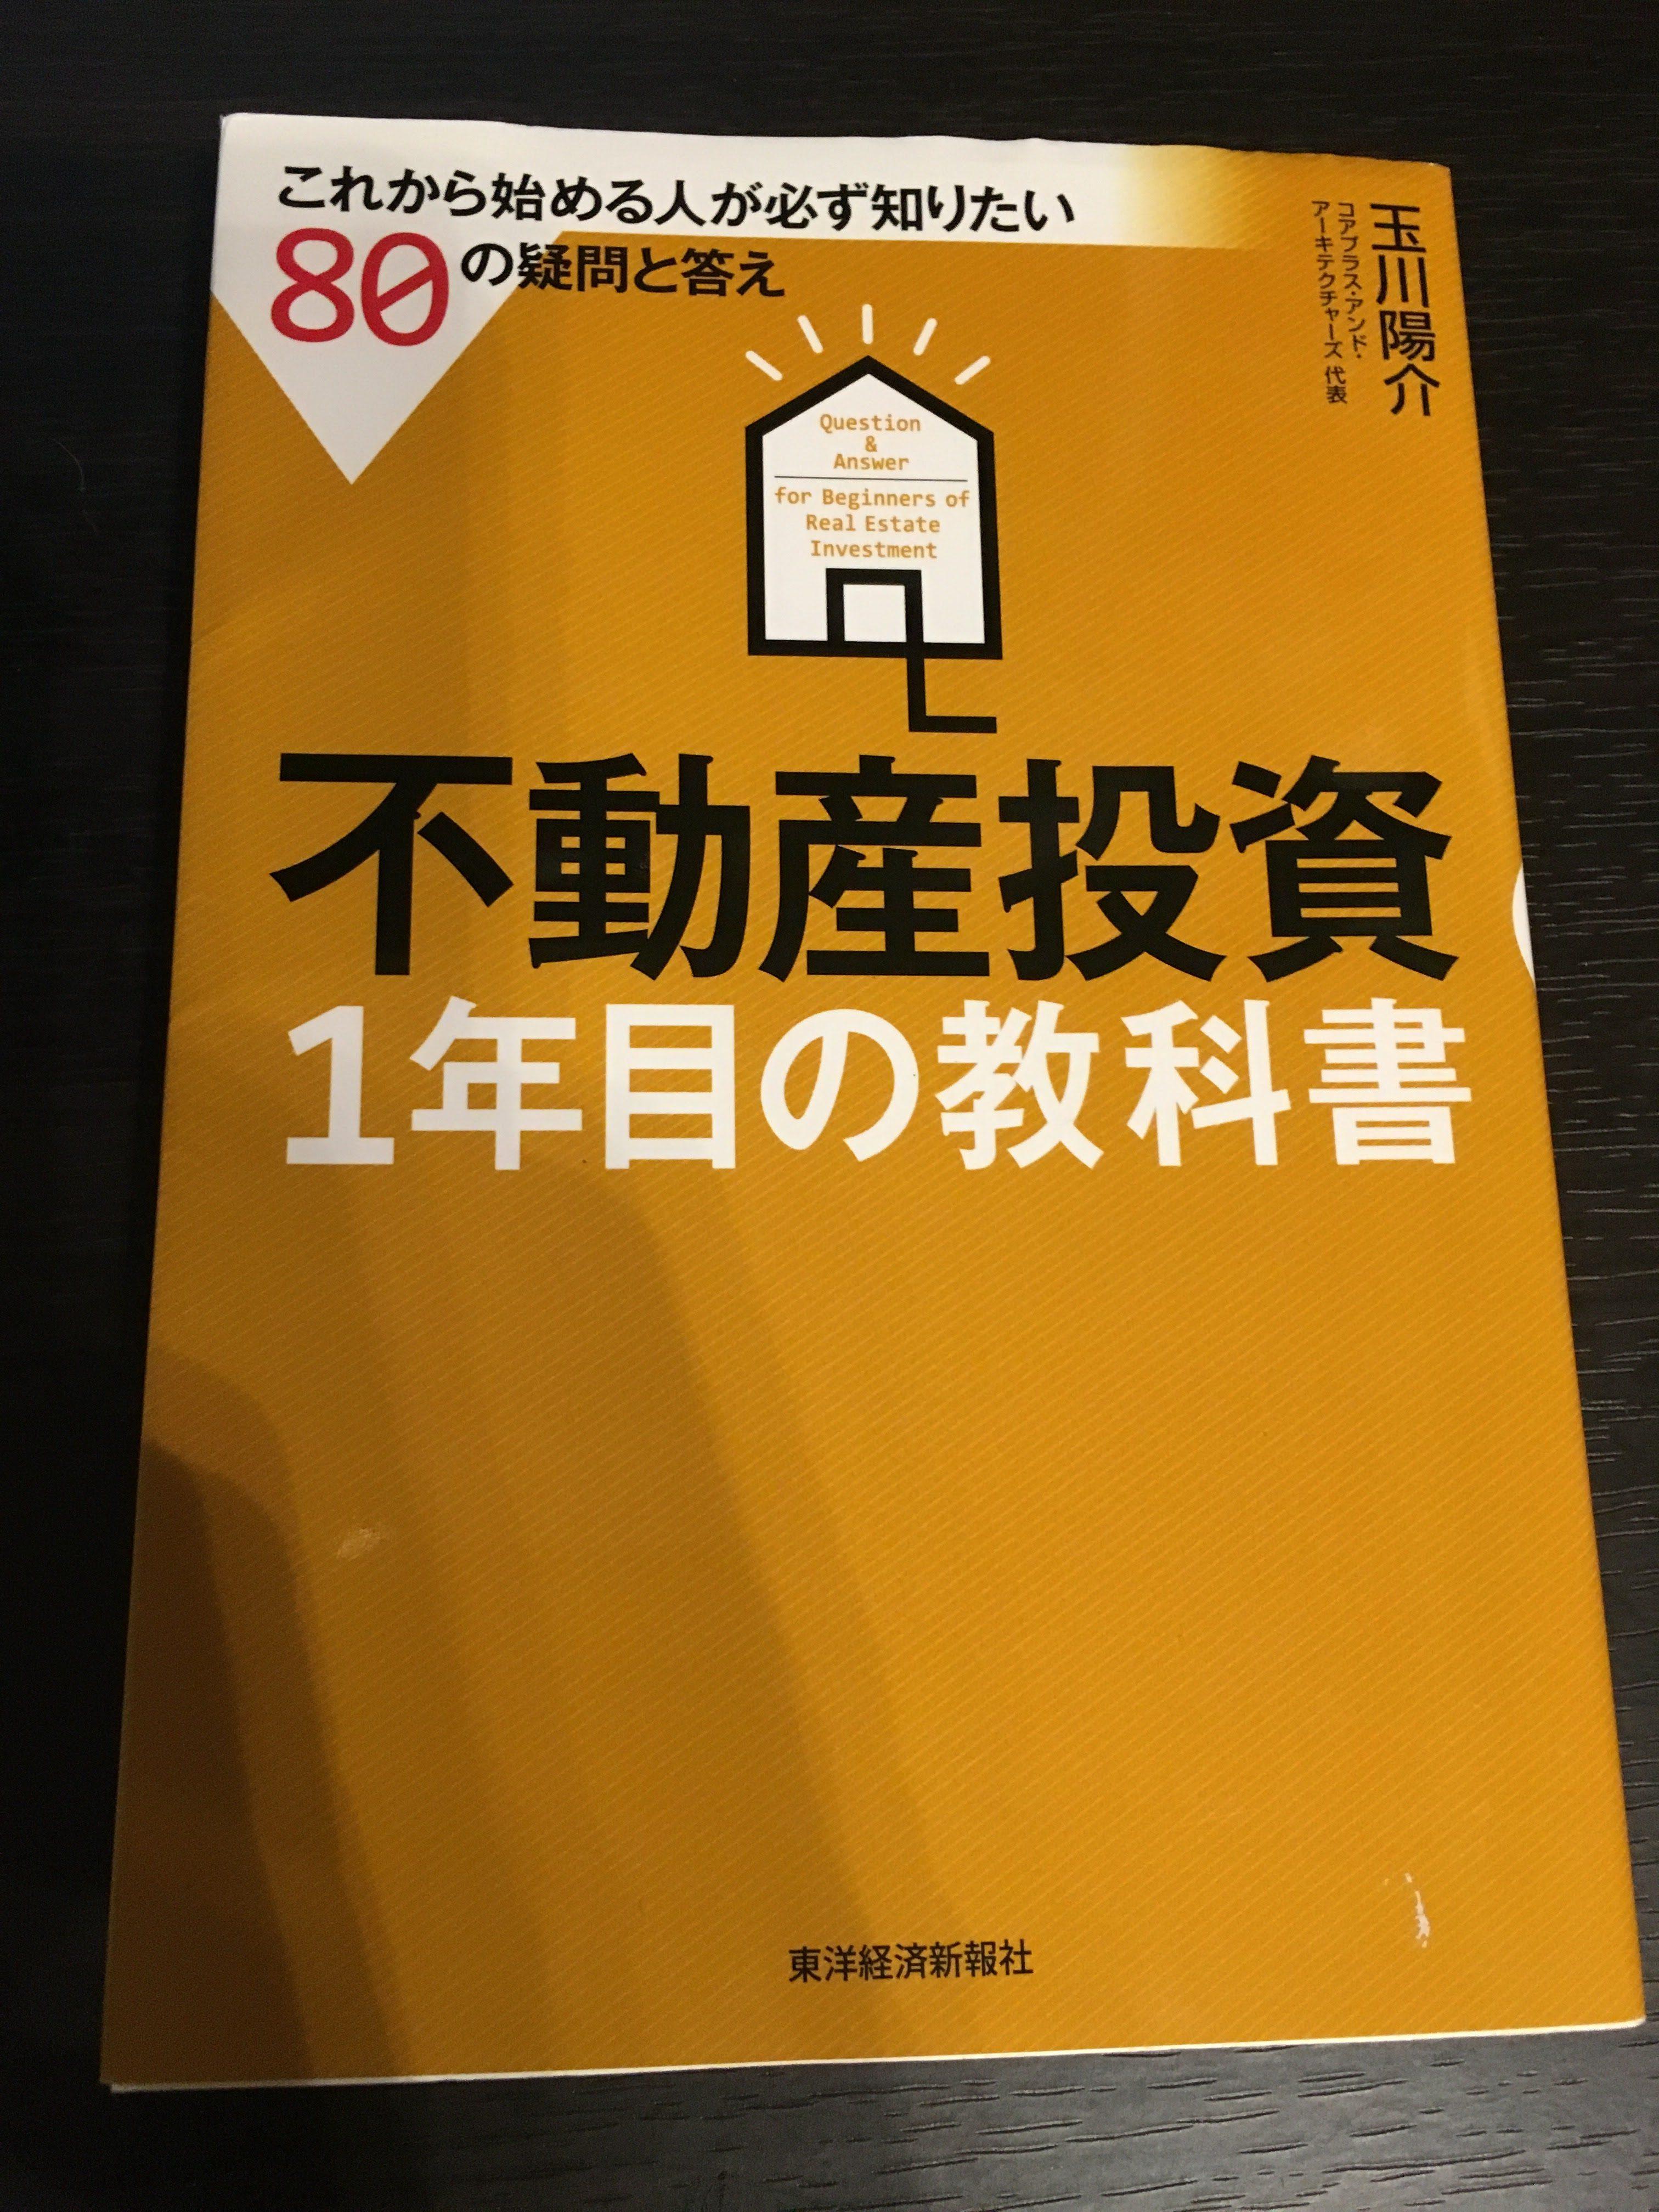 「不動産投資1年目の教科書」を読んでのレビュー